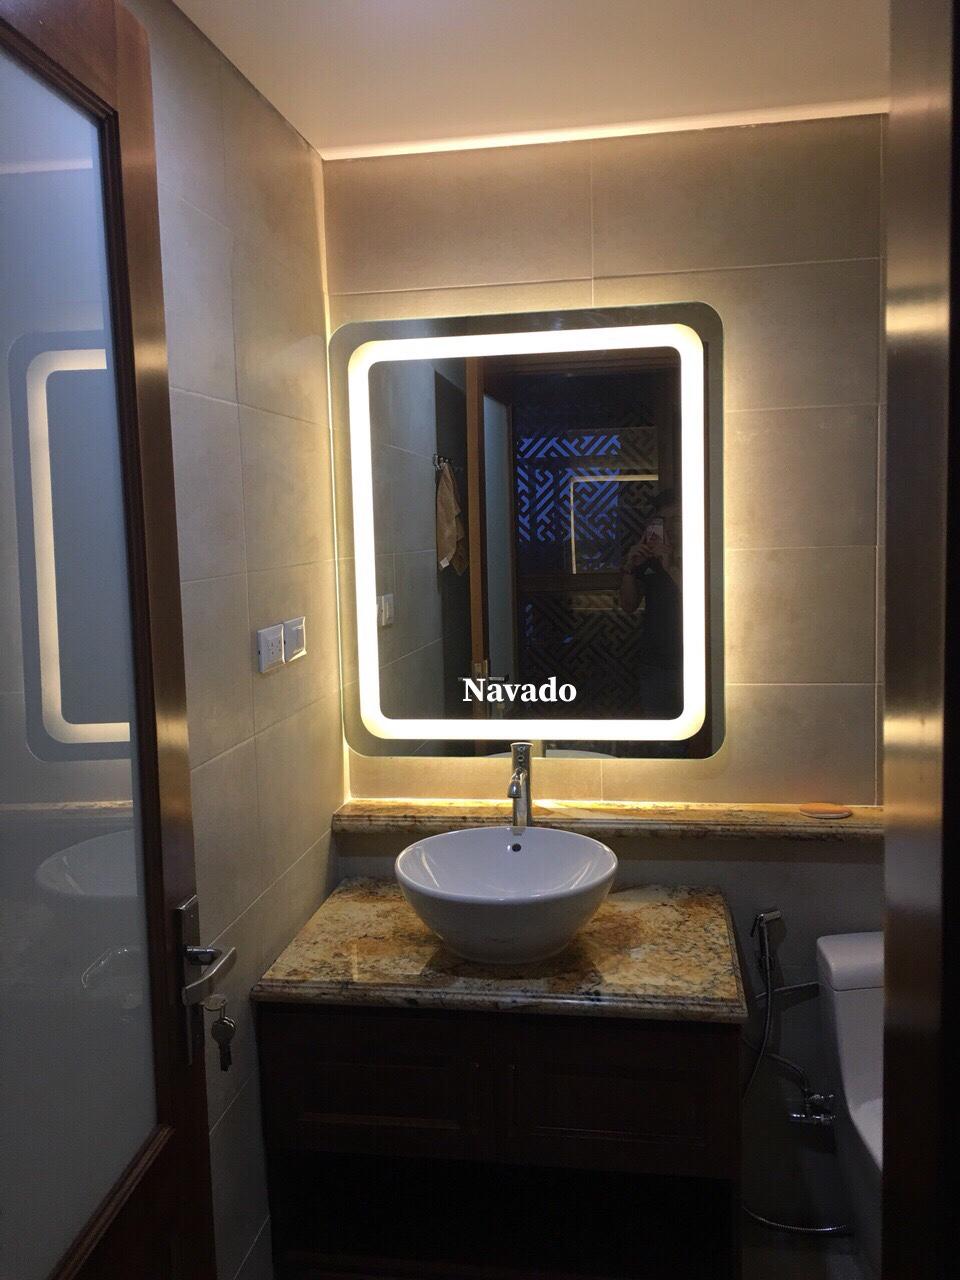 Gương phòng tắm đèn led hình chữ nhật1/4